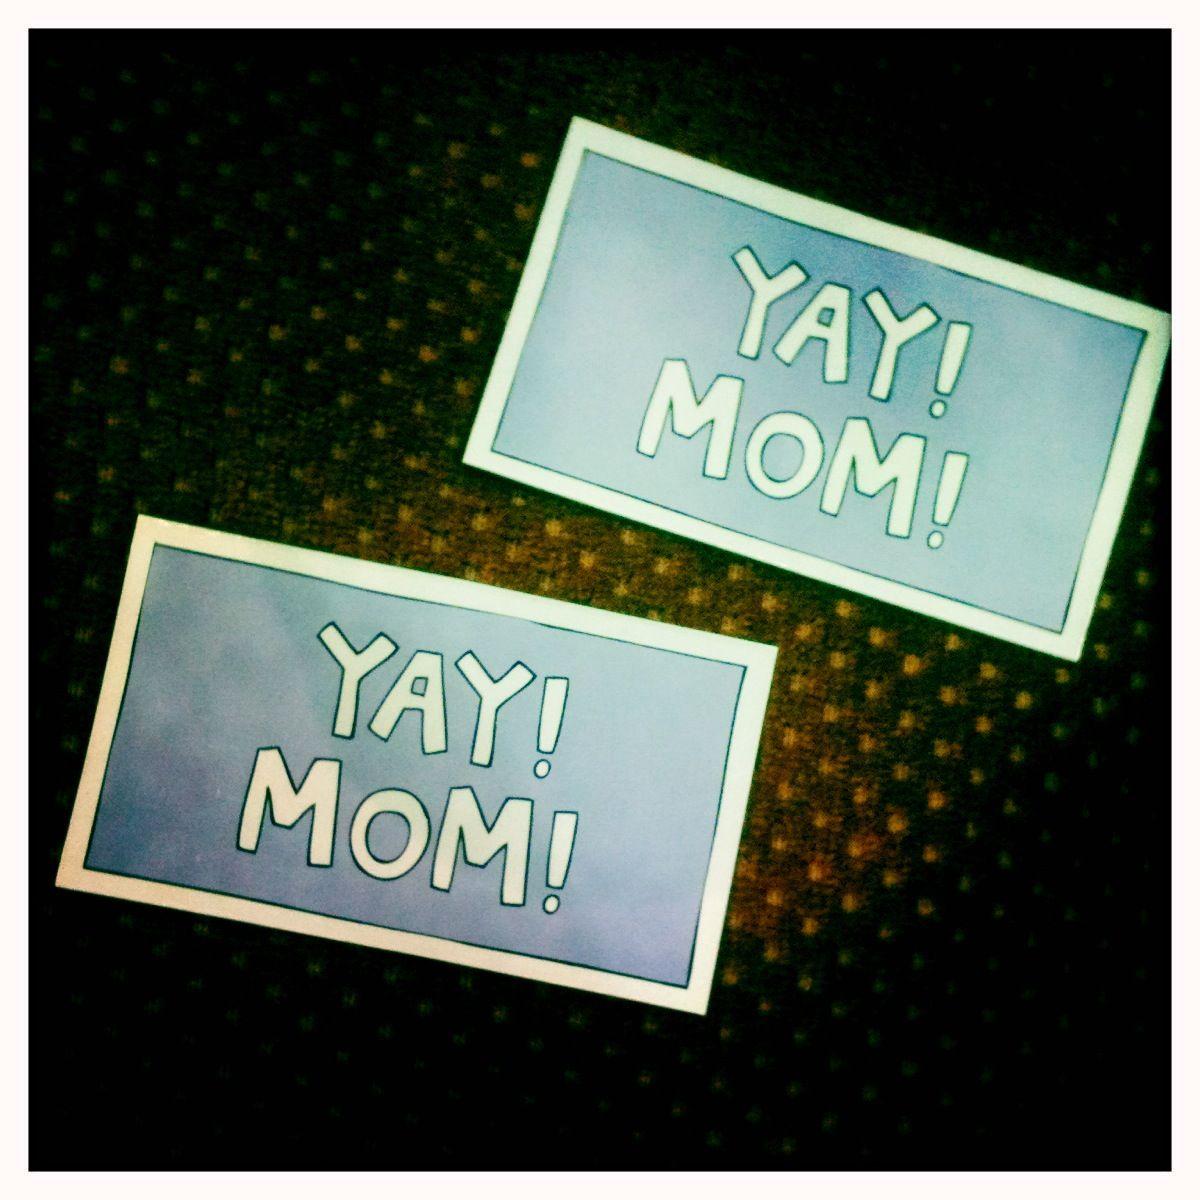 Yay! Mom!